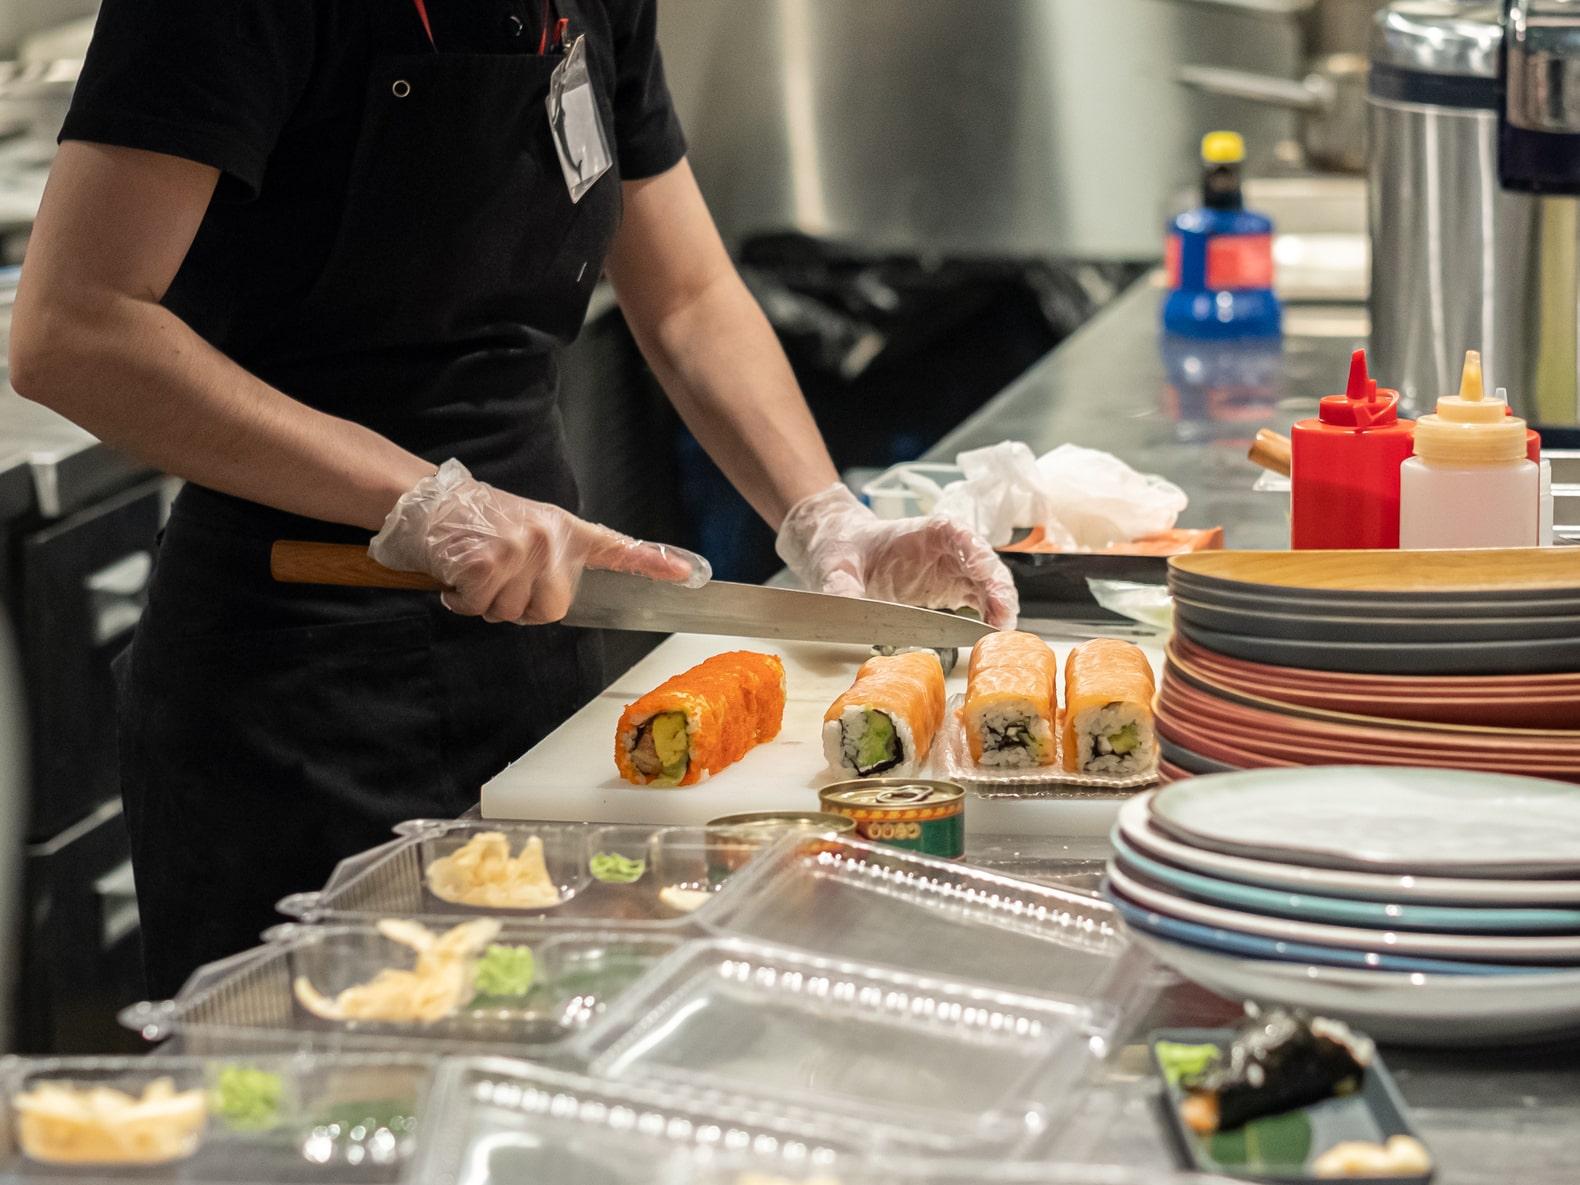 La Food Delivery en 2020: d'un business en plein essor à un modèle économique critique pour les restaurants